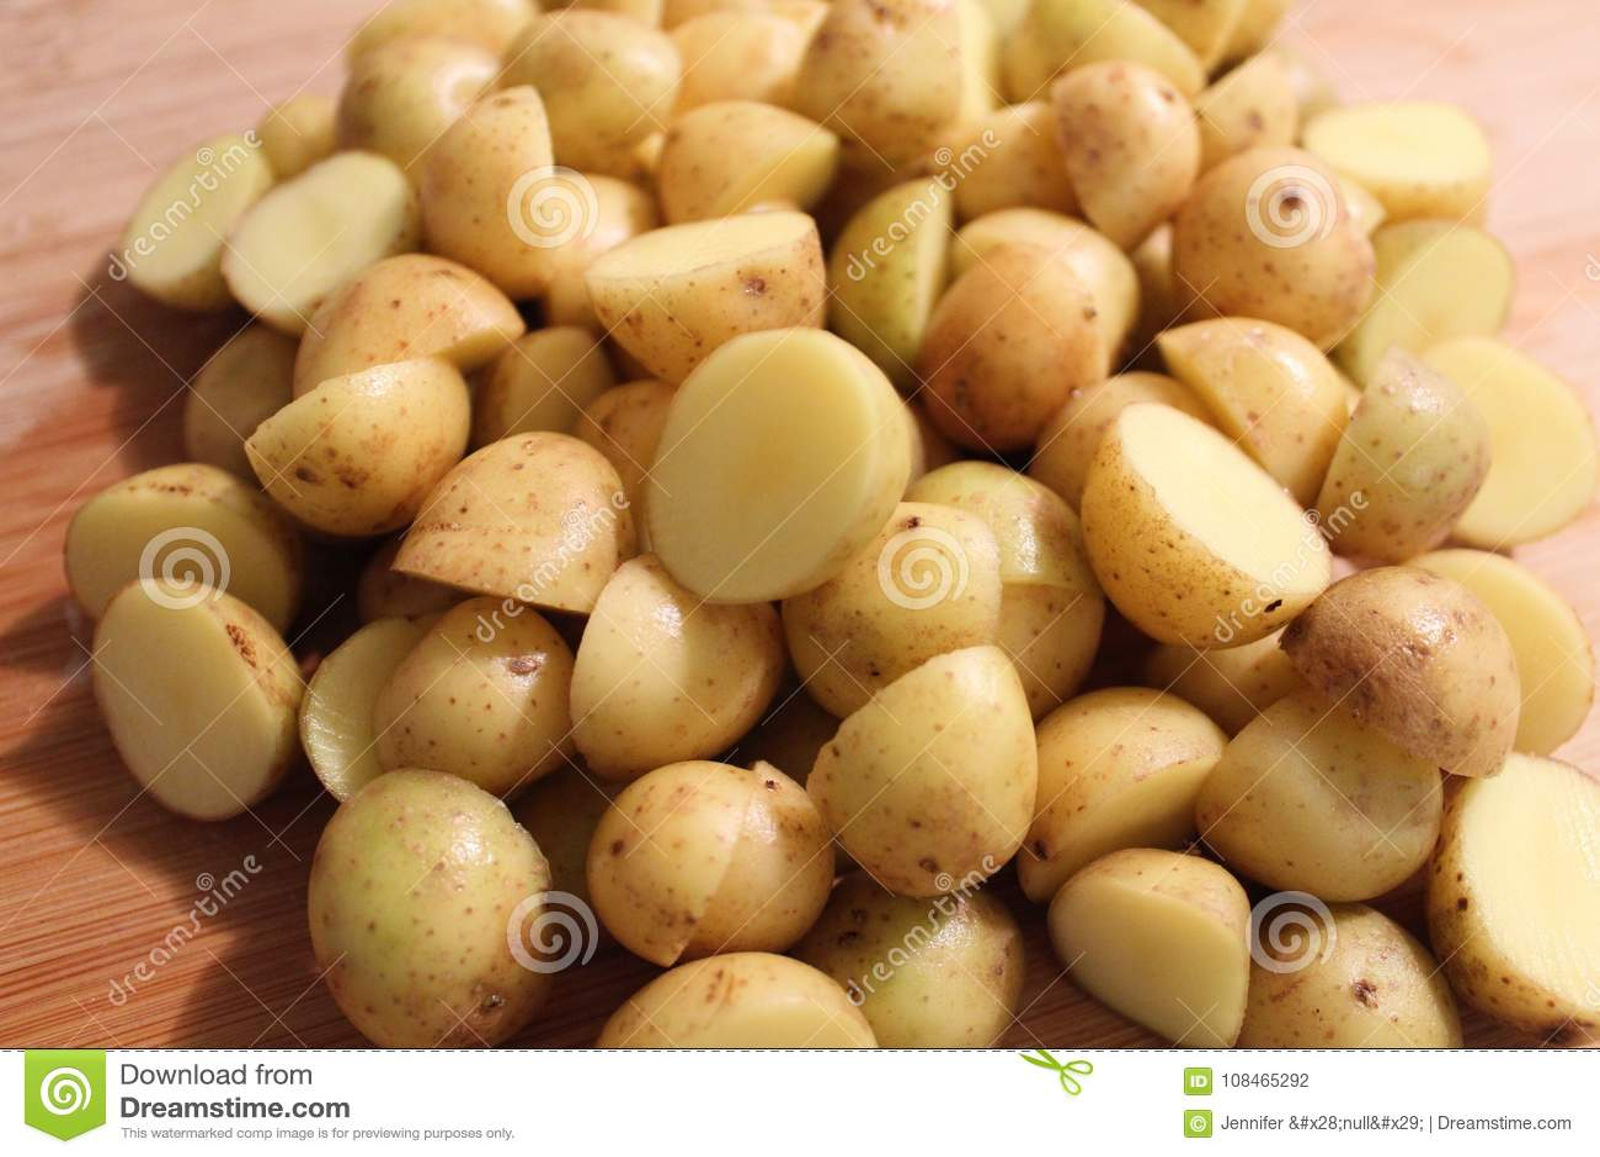 Skivade vita potatisar klippte i halva på skärbräda